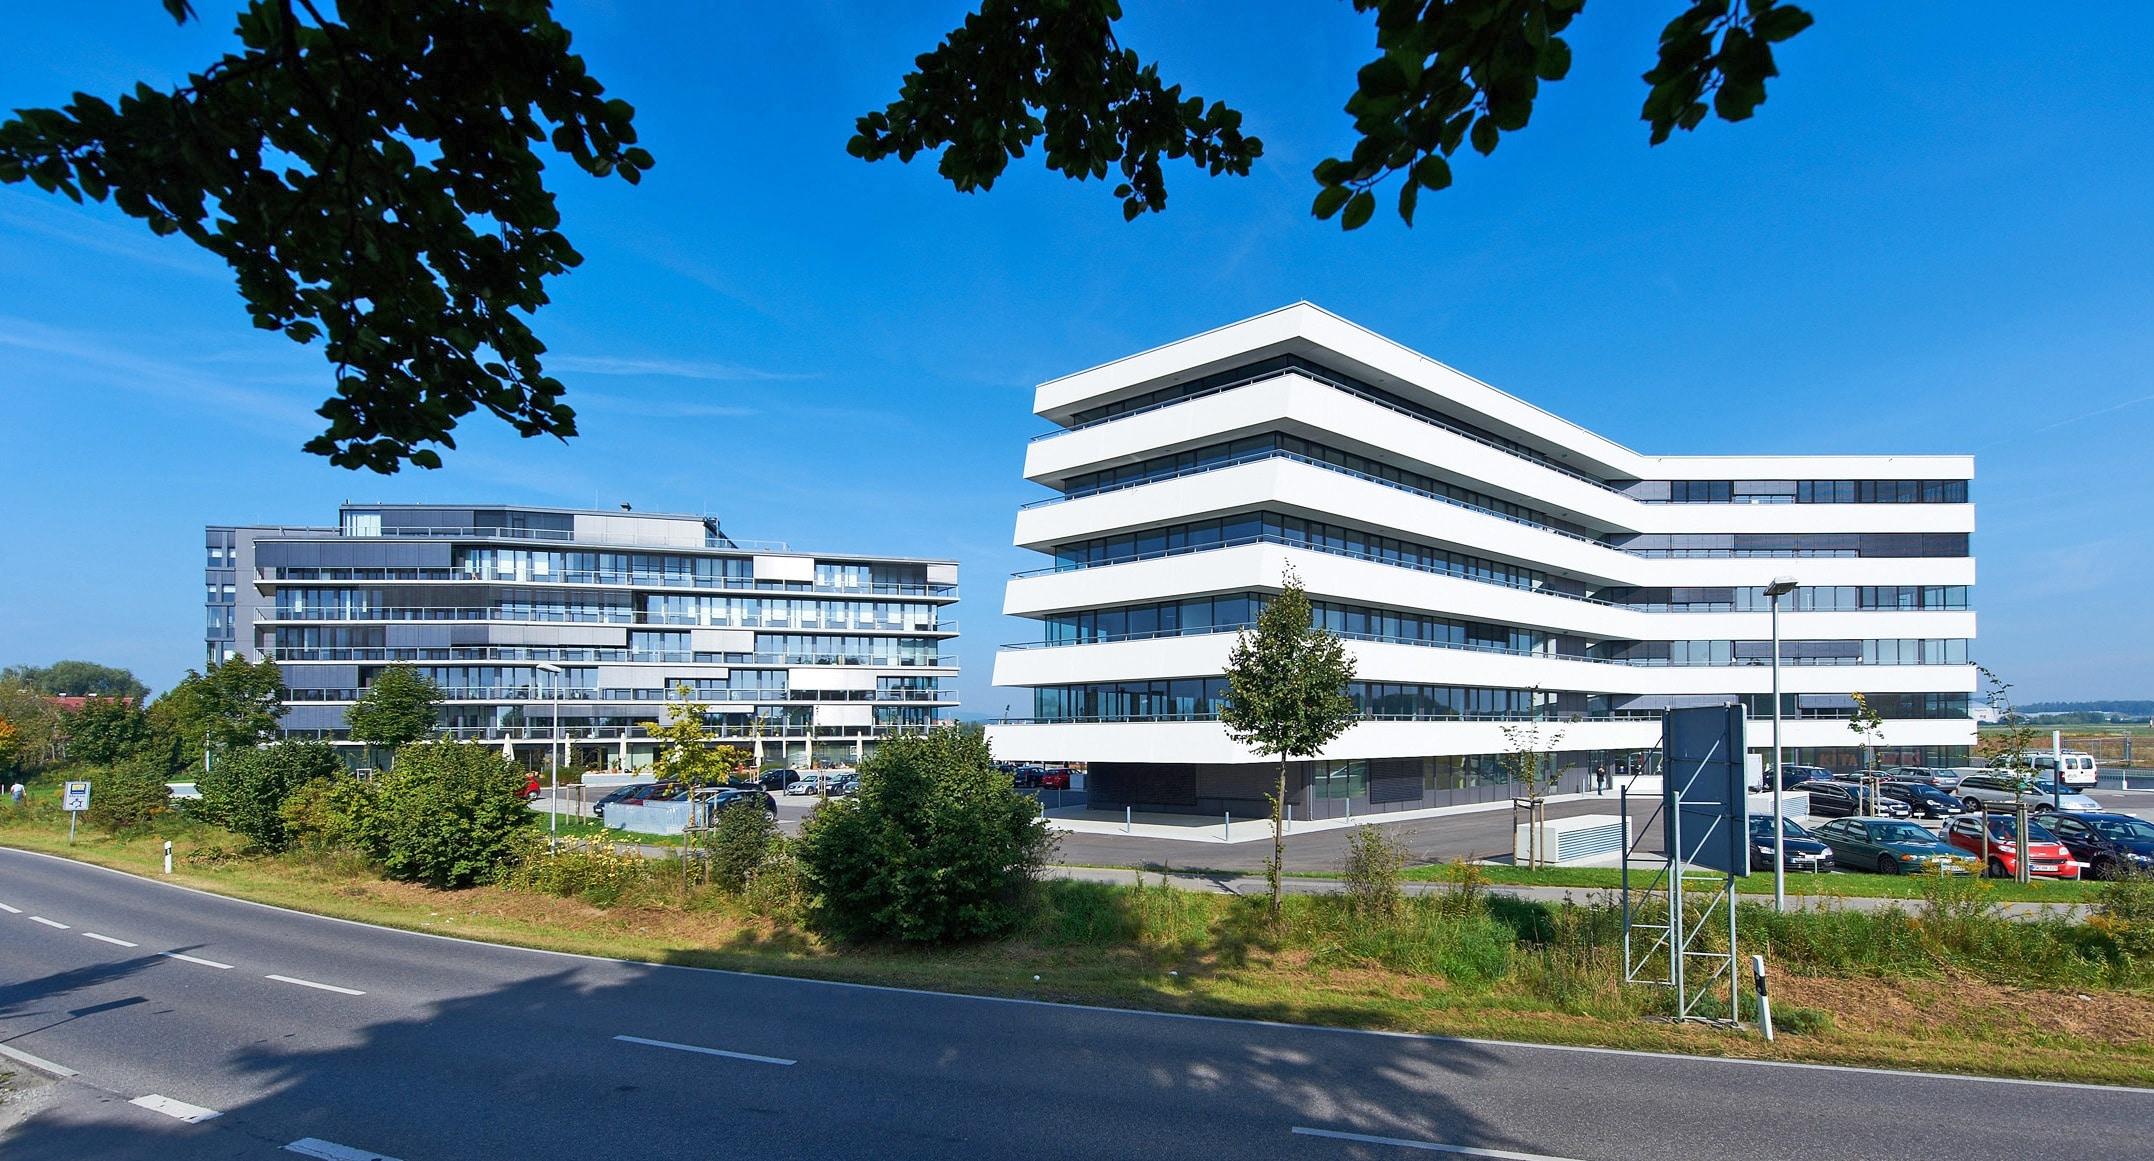 Der Sitz der Alois-Müller-Niederlassung am Bodensee